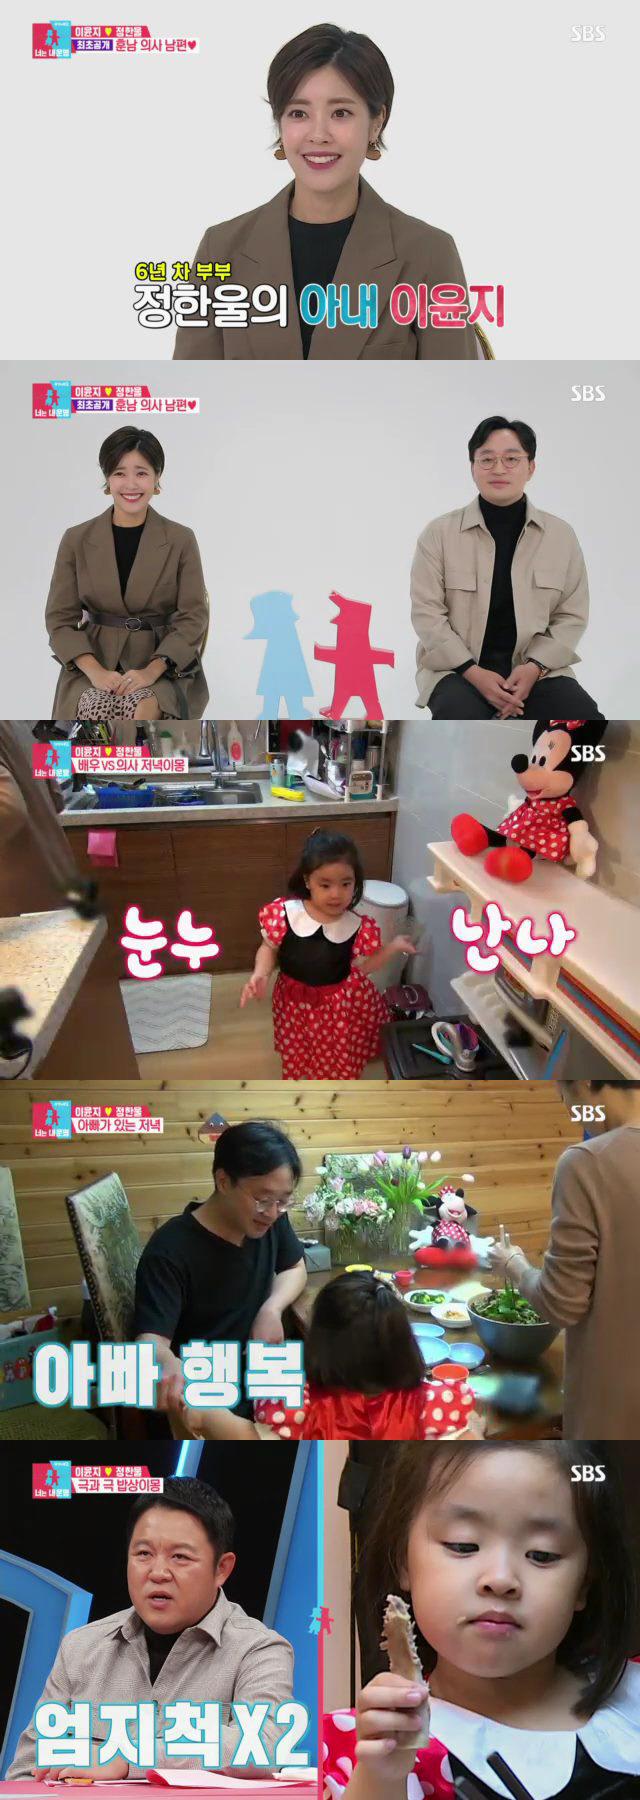 '너는 내 운명' 이윤지♥정한울, 결혼 풀 스토리 최초 공개..실검 1위까지